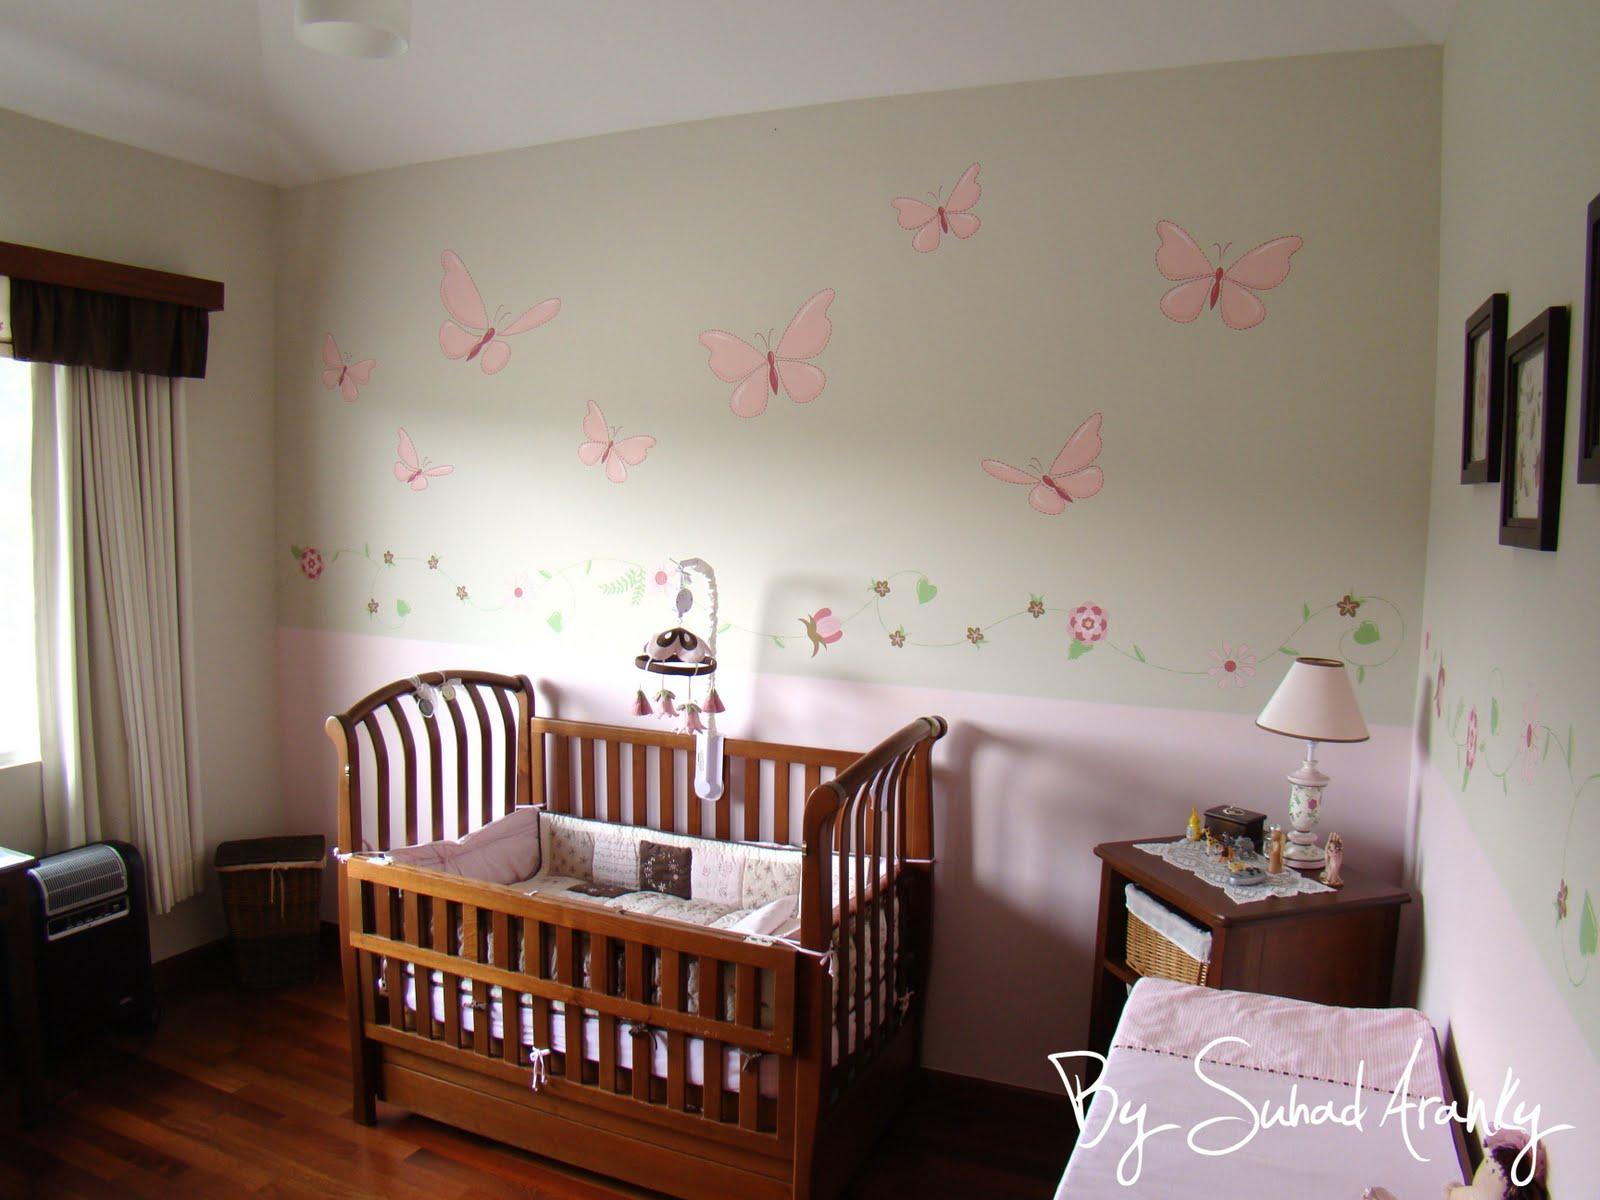 Murales en dormitorios cuarto beb flores y mariposas - Murales para habitaciones de bebes ...